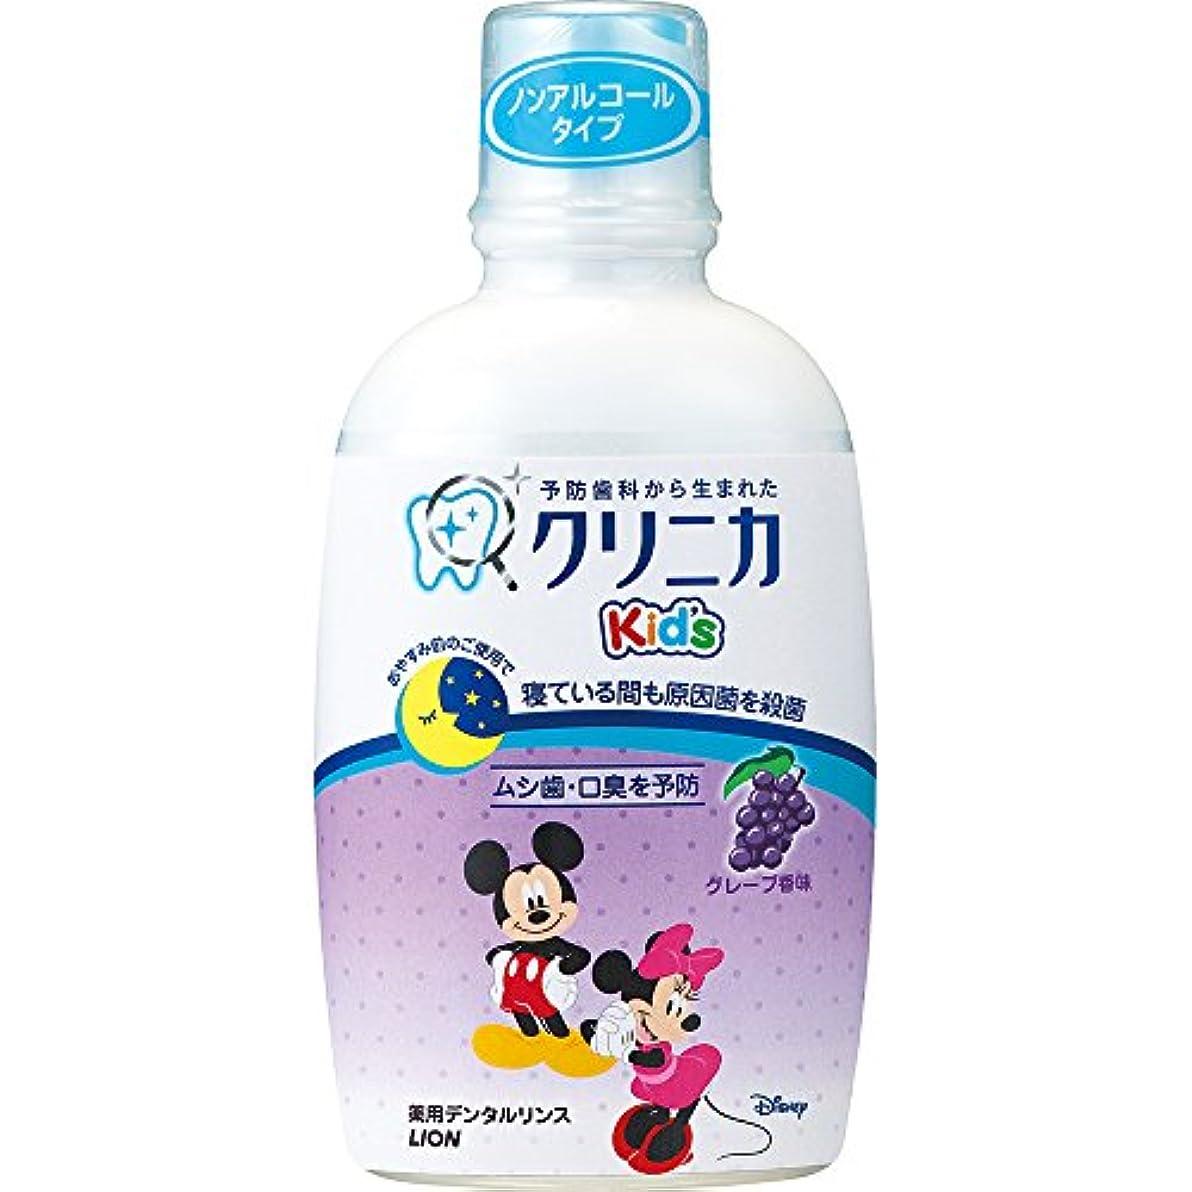 においメダリストカウンターパートクリニカKid'sデンタルリンス グレープ 250ml (医薬部外品)